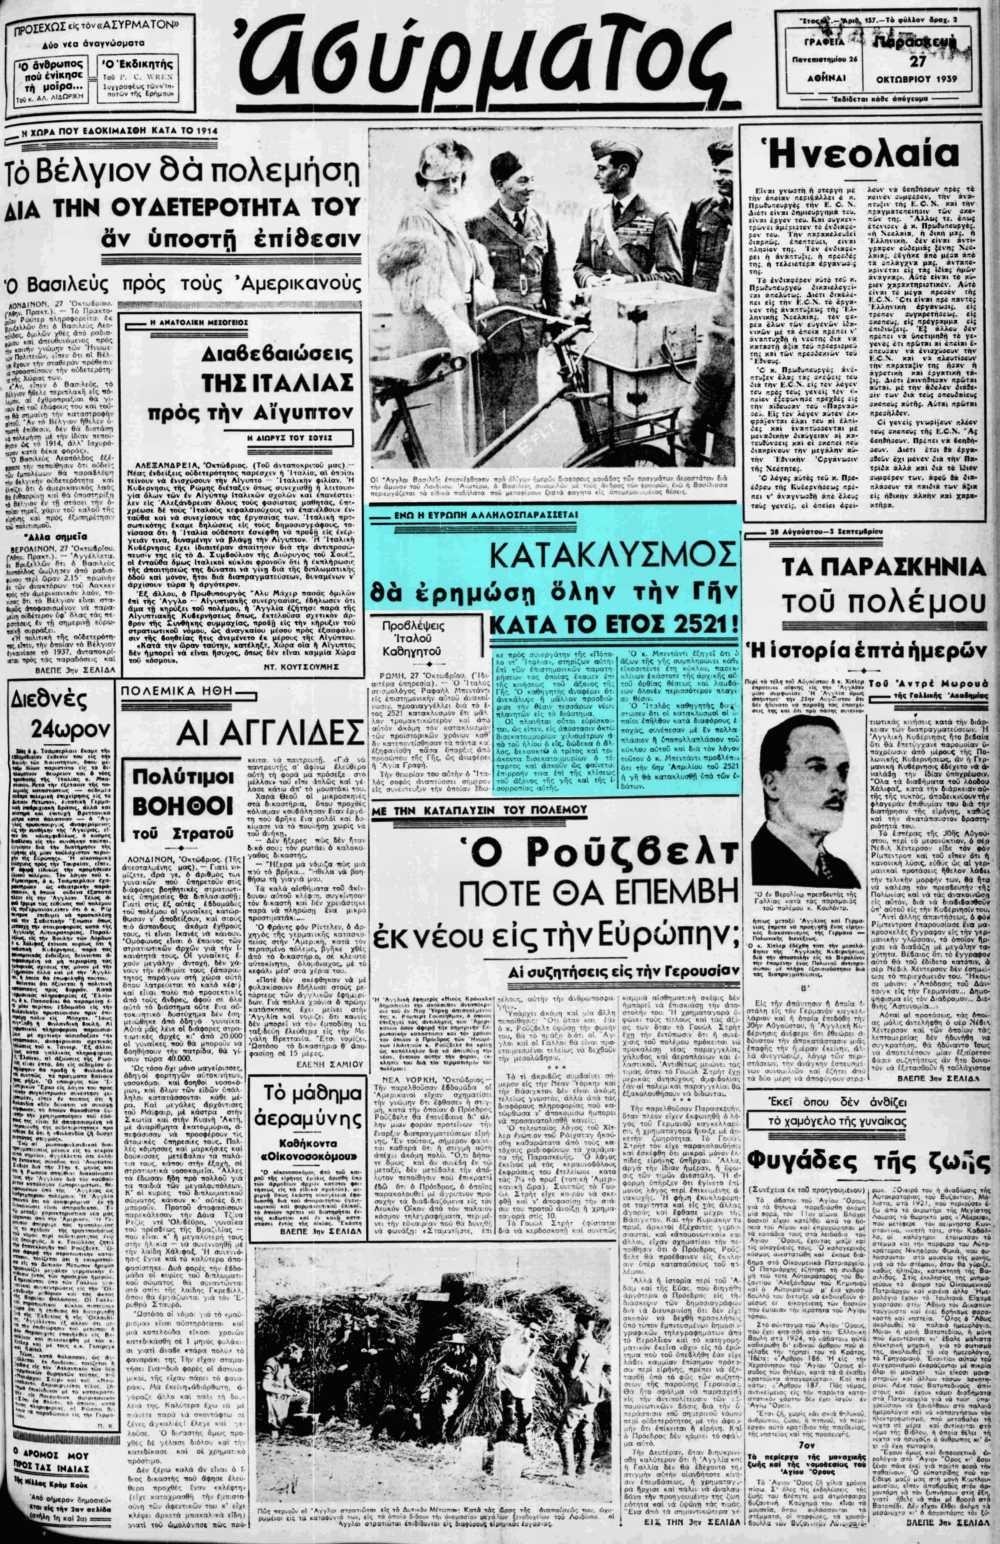 """Το άρθρο, όπως δημοσιεύθηκε στην εφημερίδα """"ΑΣΥΡΜΑΤΟΣ"""", στις 27/10/1939"""